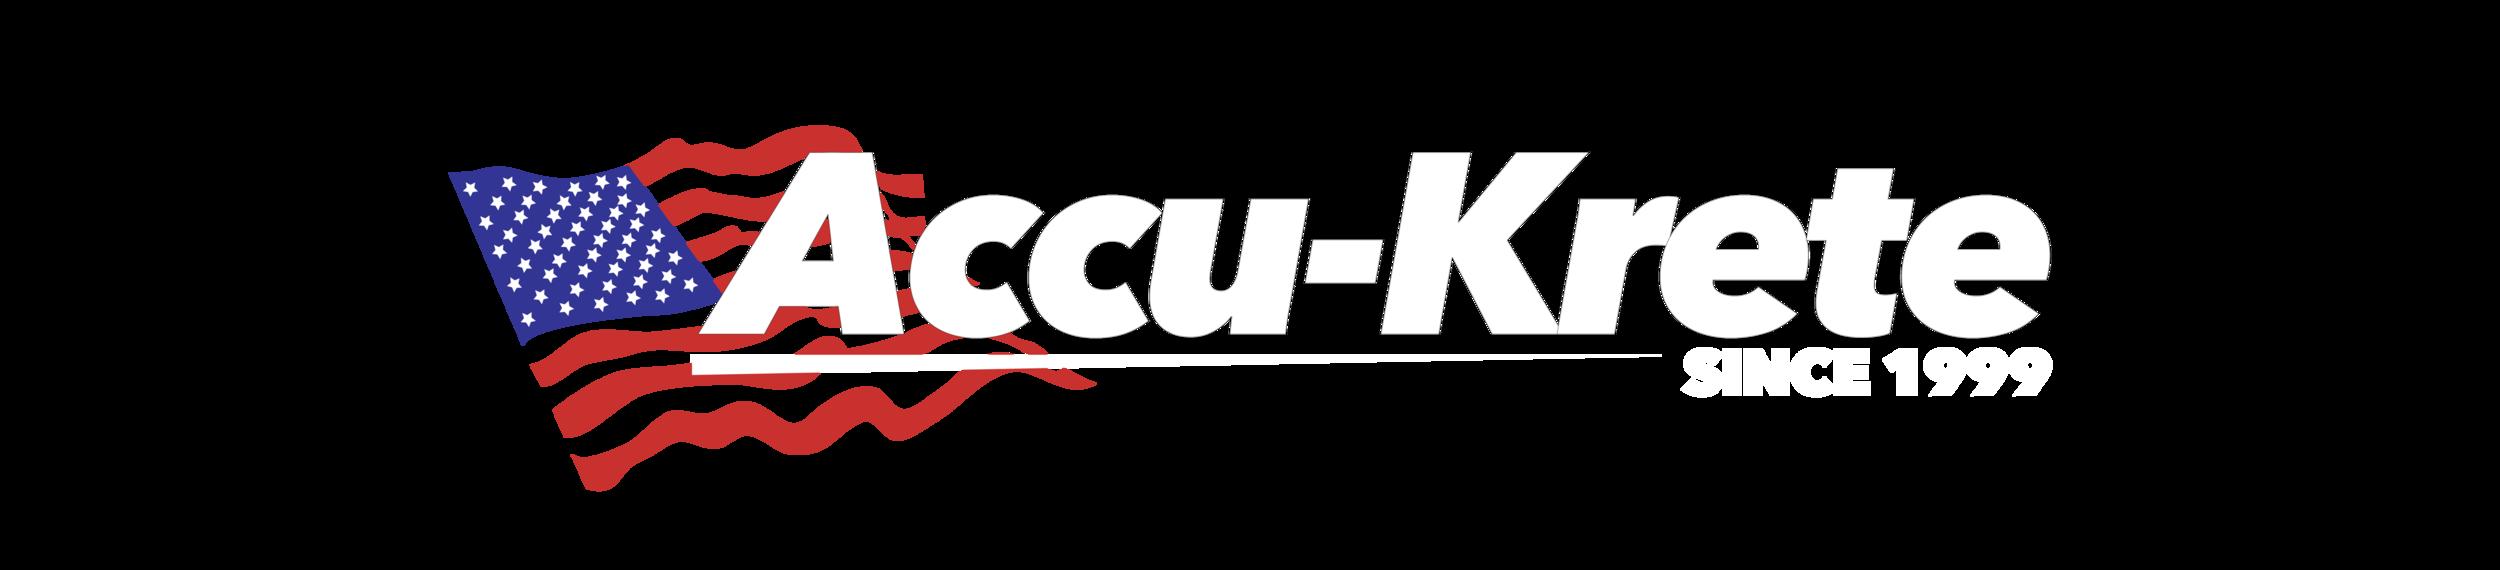 accu-krete-new.png